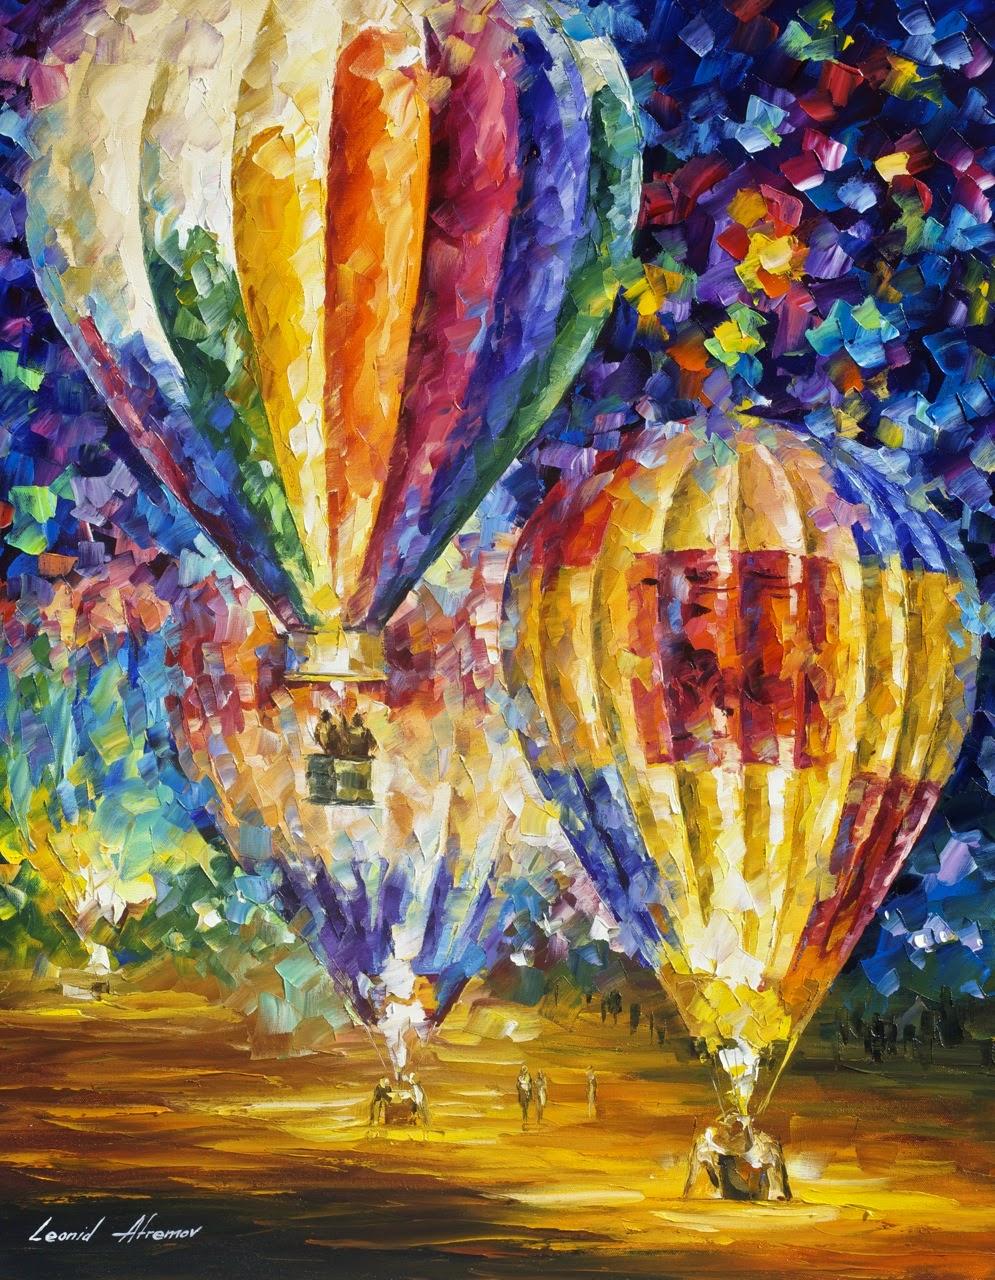 Balão e Emoções - Pinturas de Leonid Afremov | O mestres da  espátula